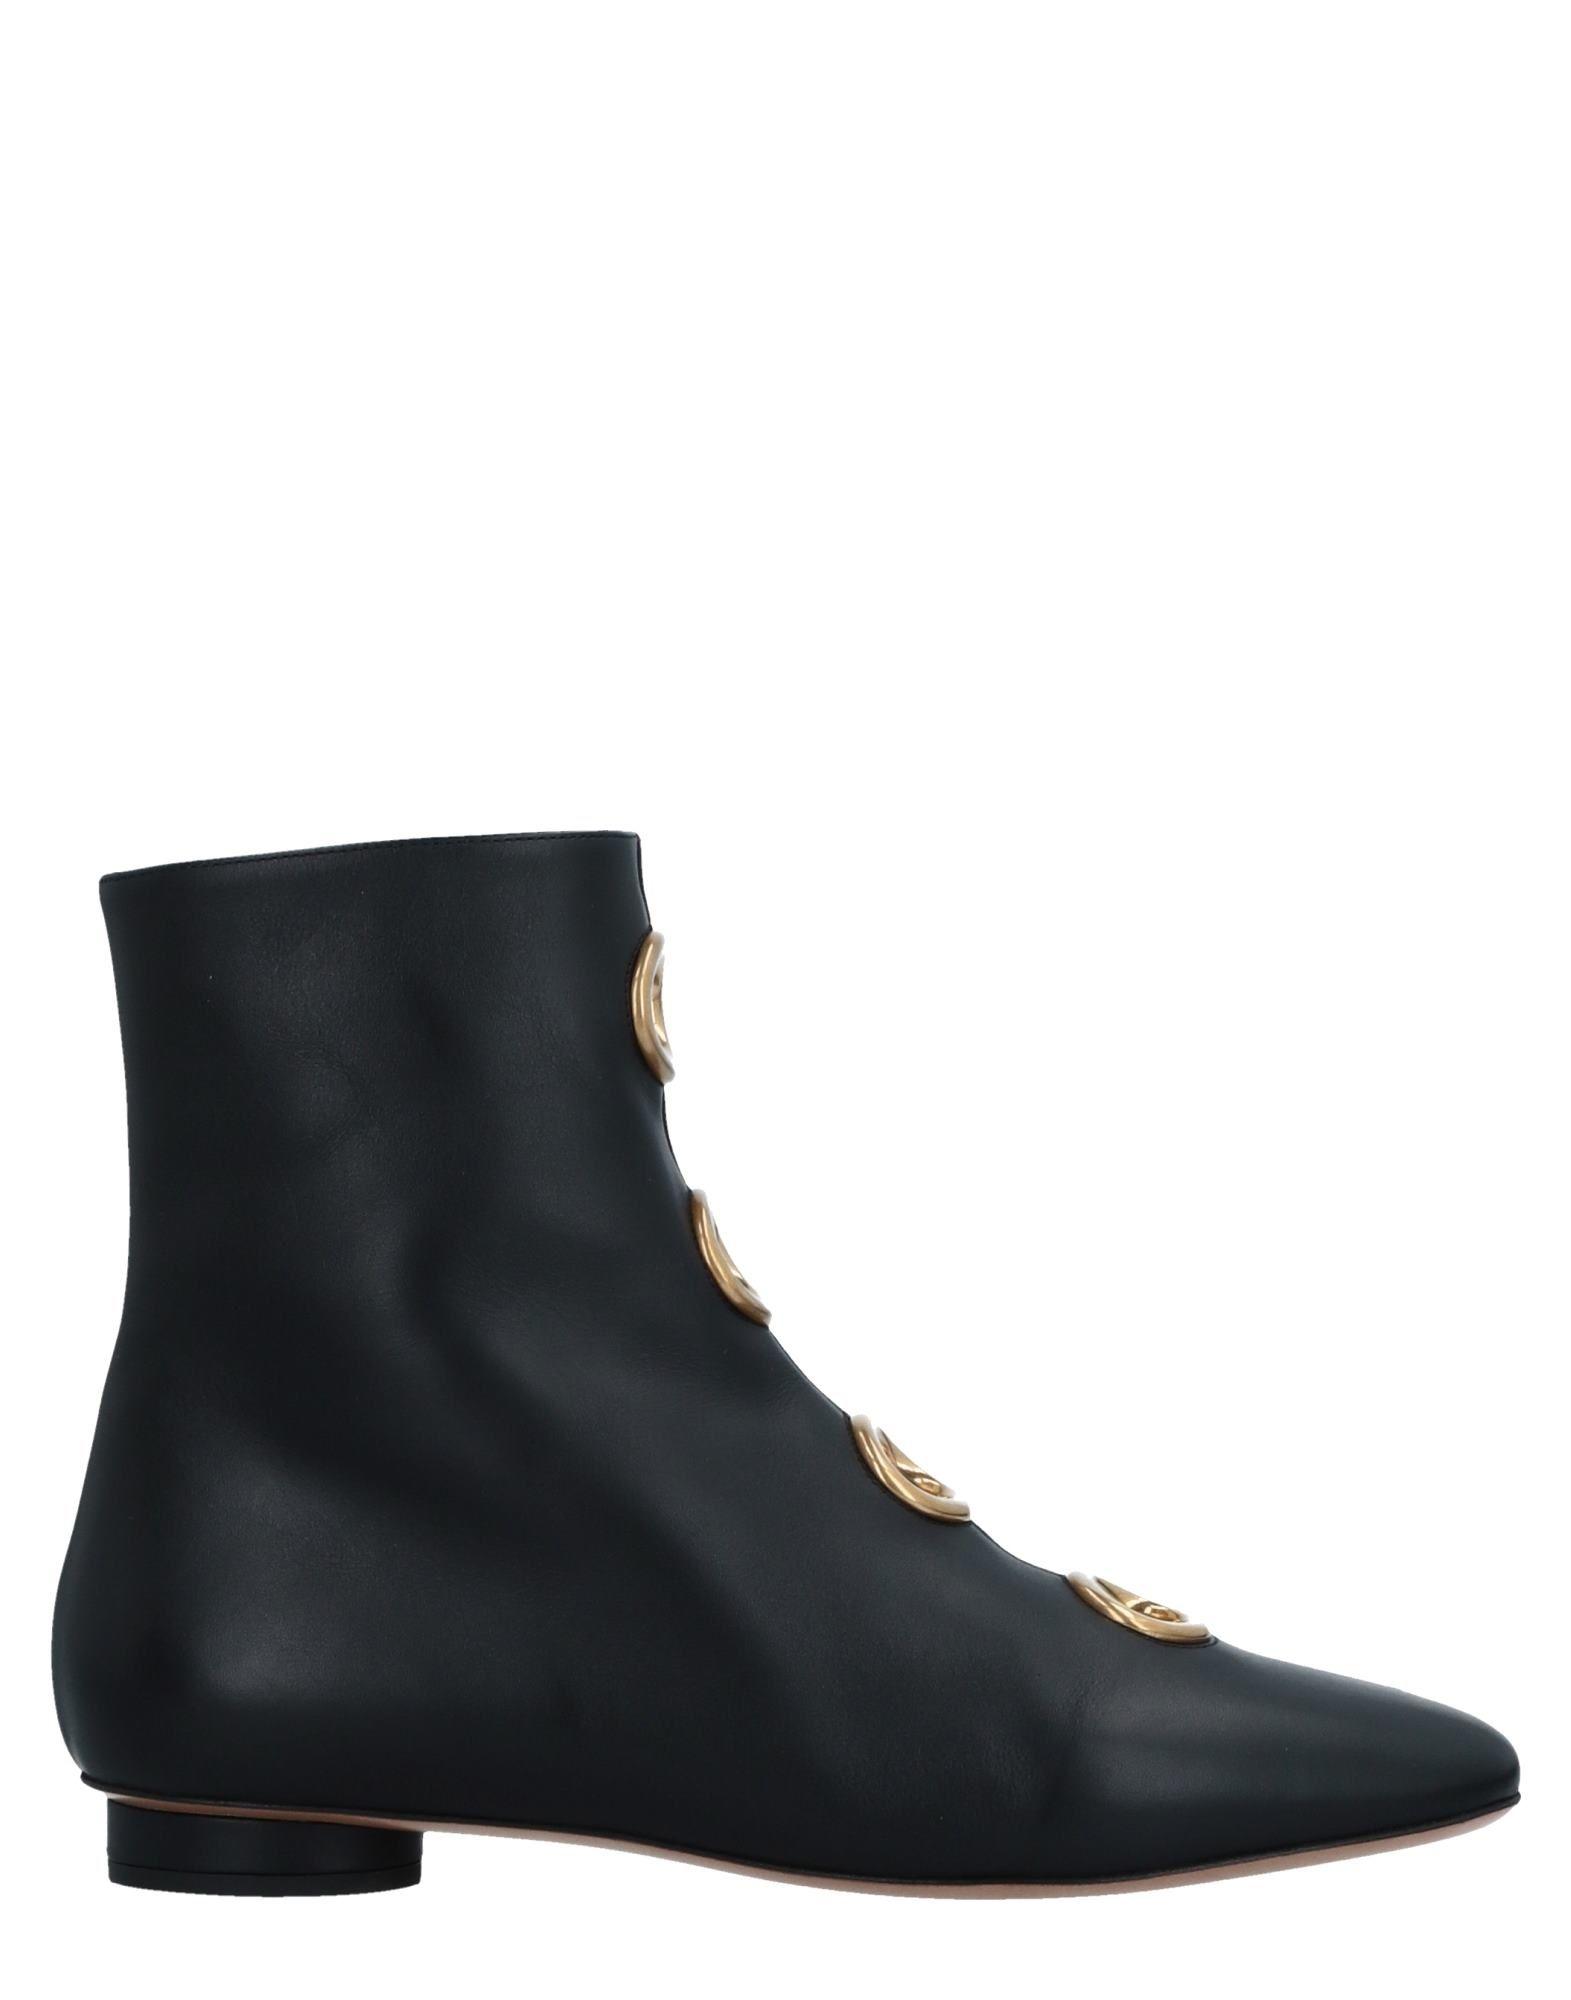 Valentino Garavani Stiefelette Damen aussehende  11518924FOGünstige gut aussehende Damen Schuhe de9925